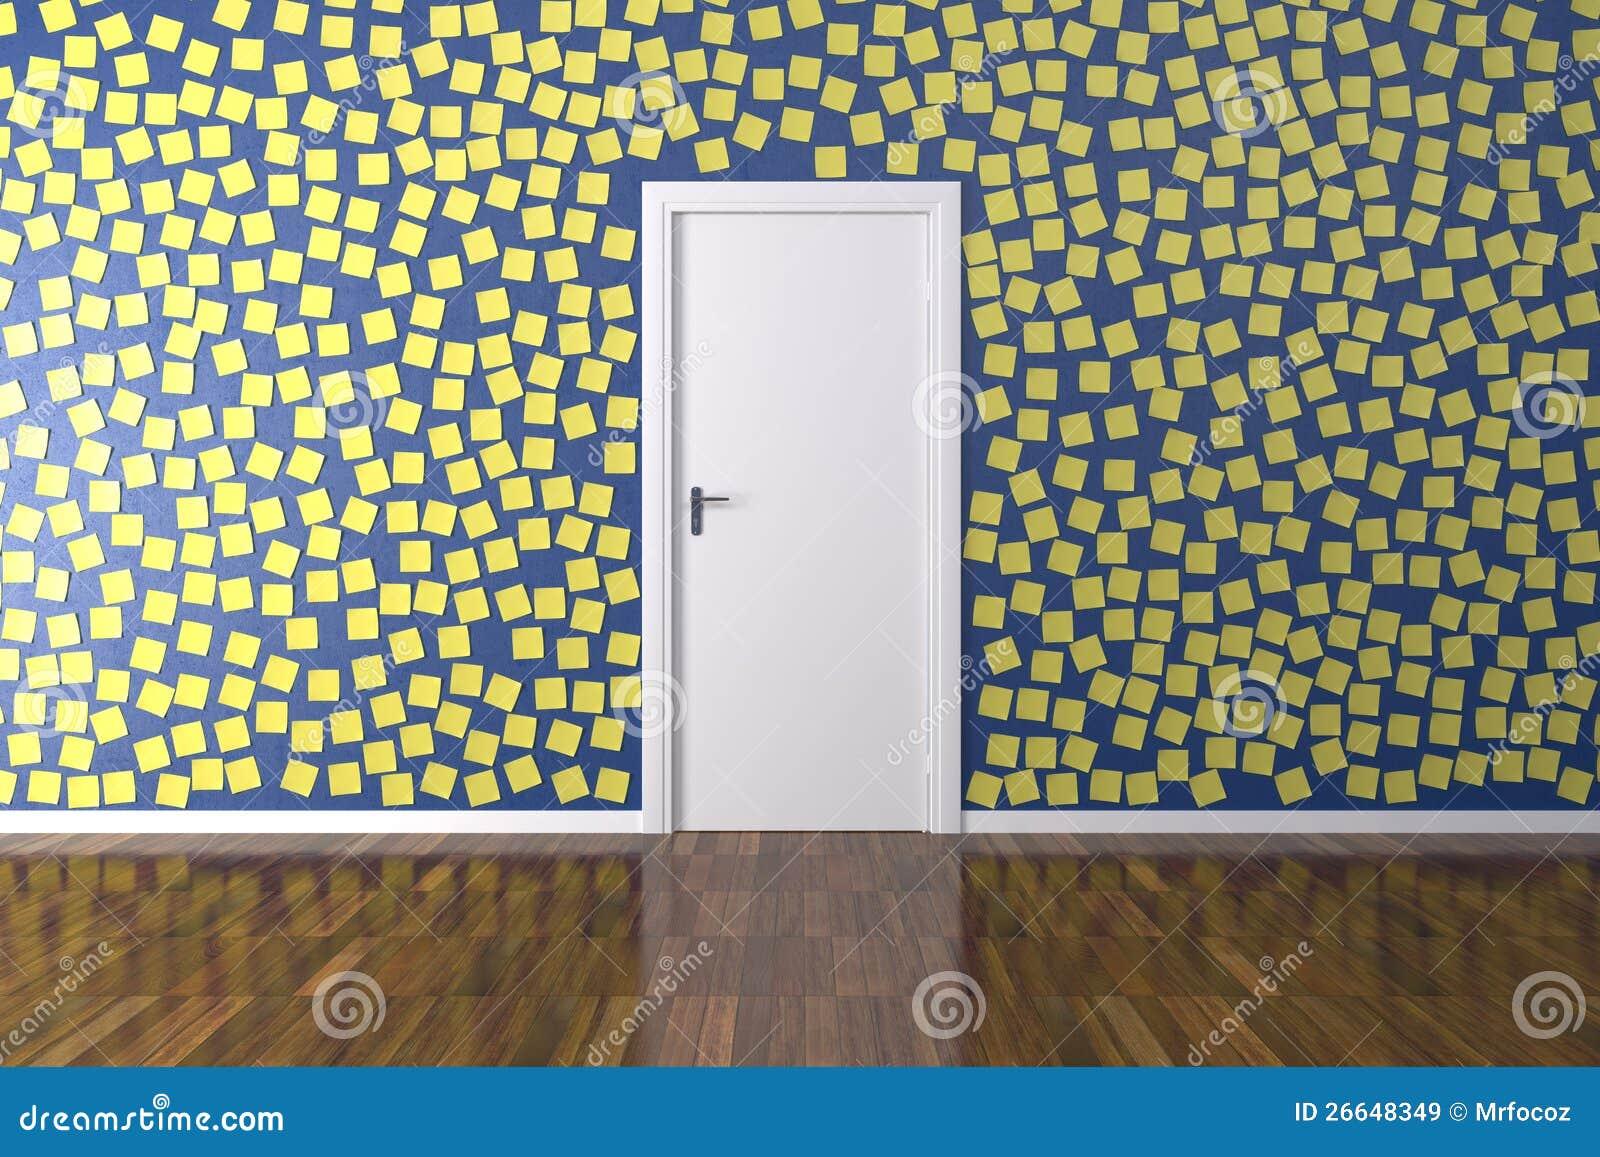 hintergrund wand mit post it stock abbildung illustration von entsperren gelegenheit 26648349. Black Bedroom Furniture Sets. Home Design Ideas